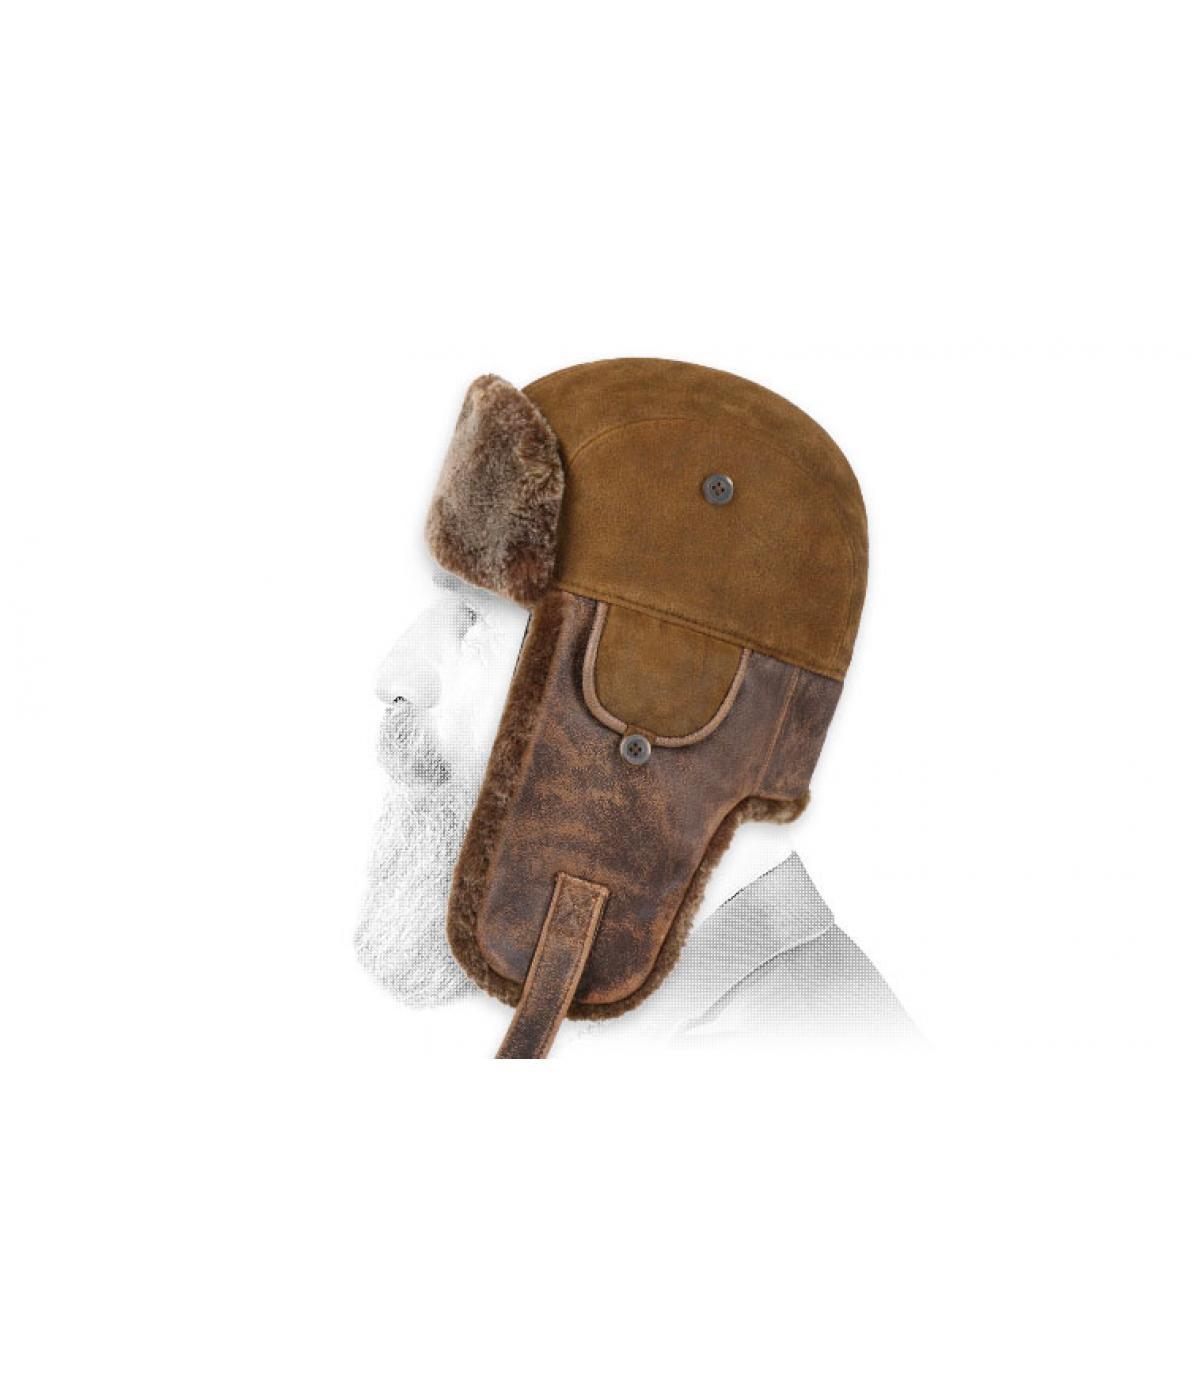 cappello di pelle marrone